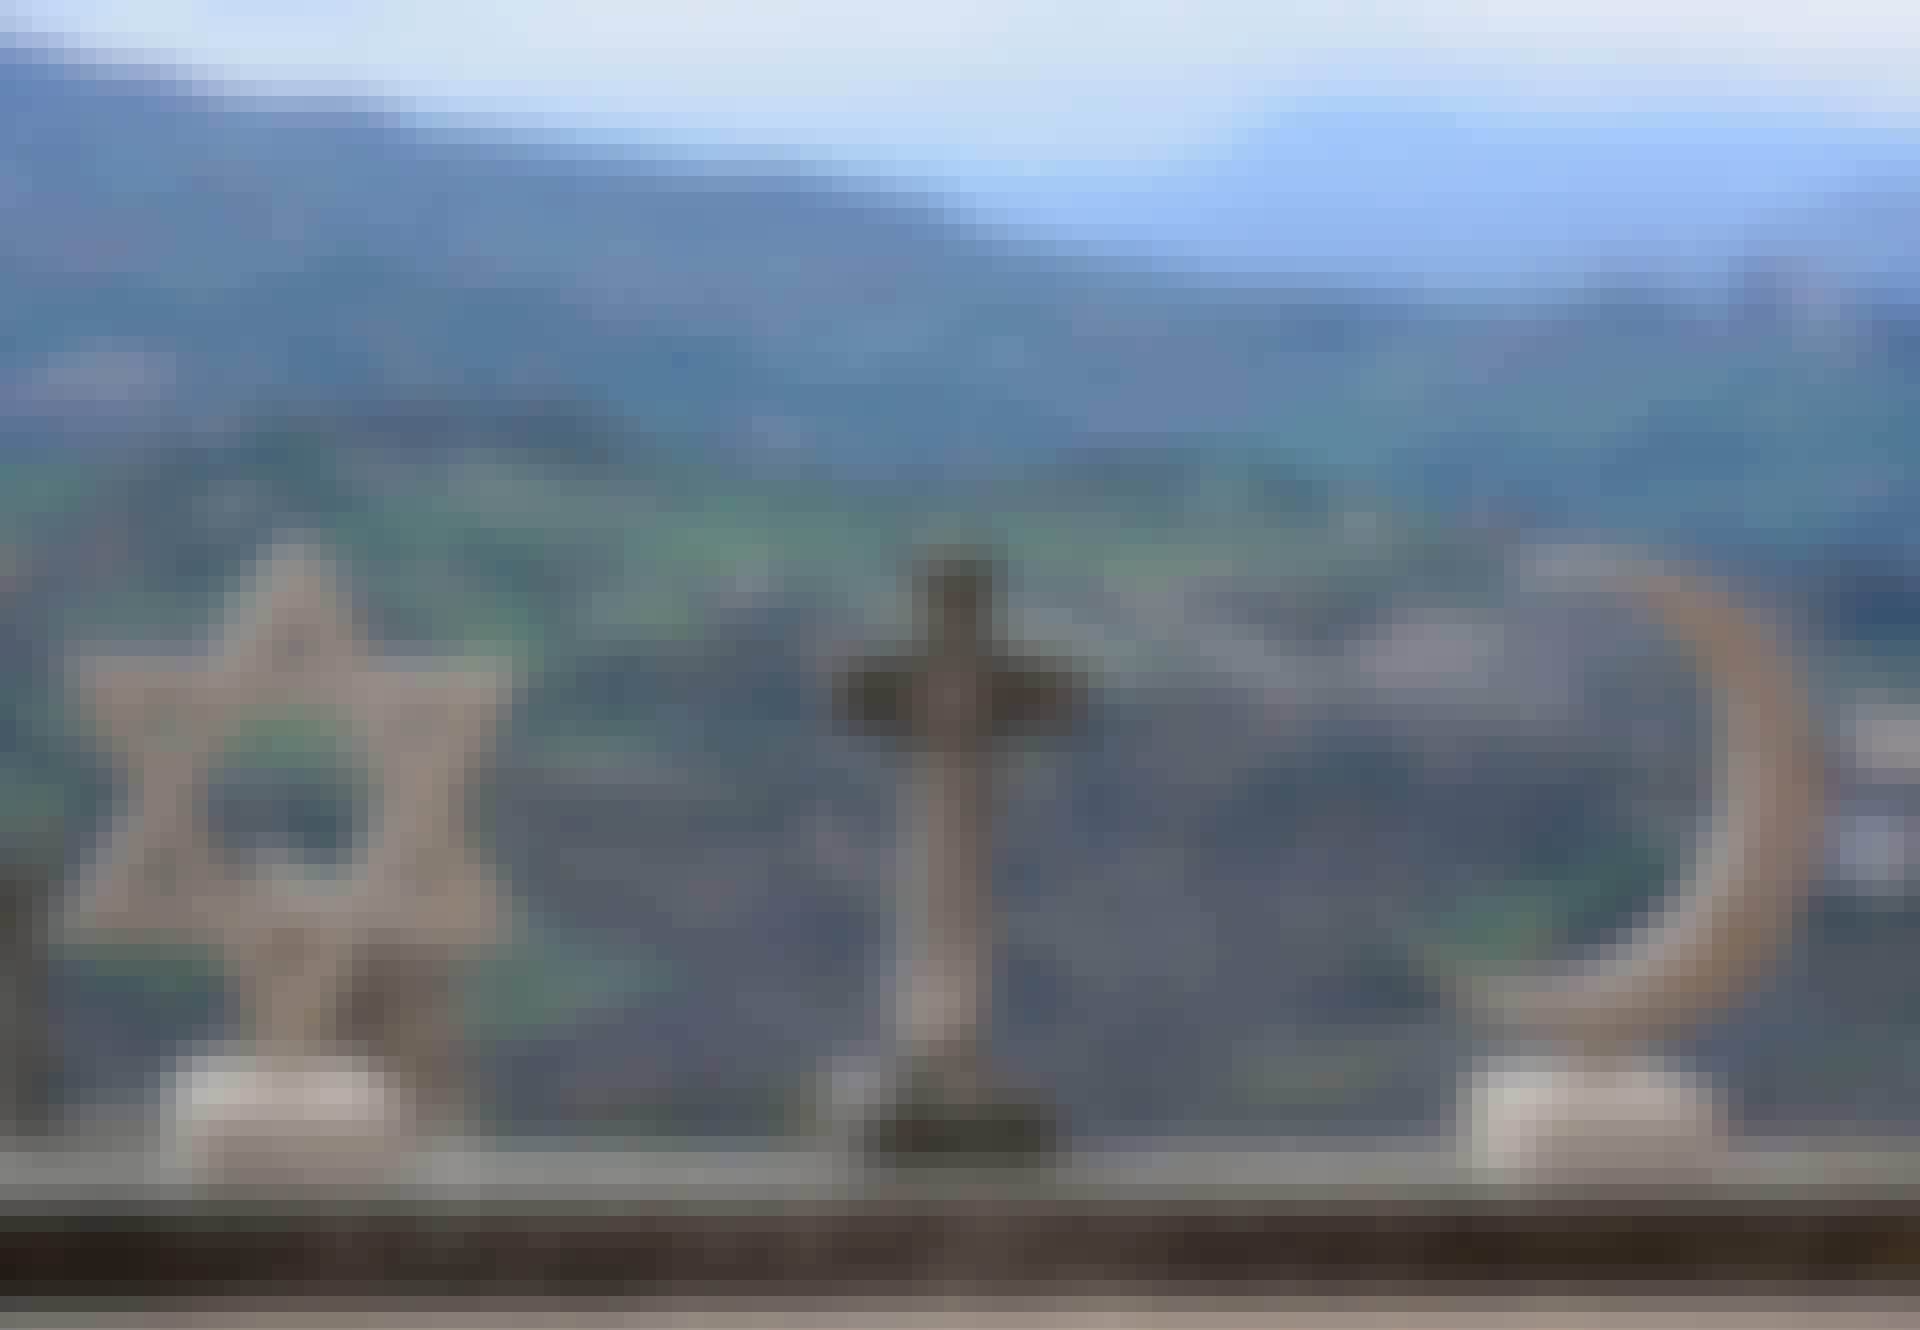 Daavidin tähti, risti ja puolikuu. Juutalaisuuden, kristinuskon ja islamin symbolit veistoksina.